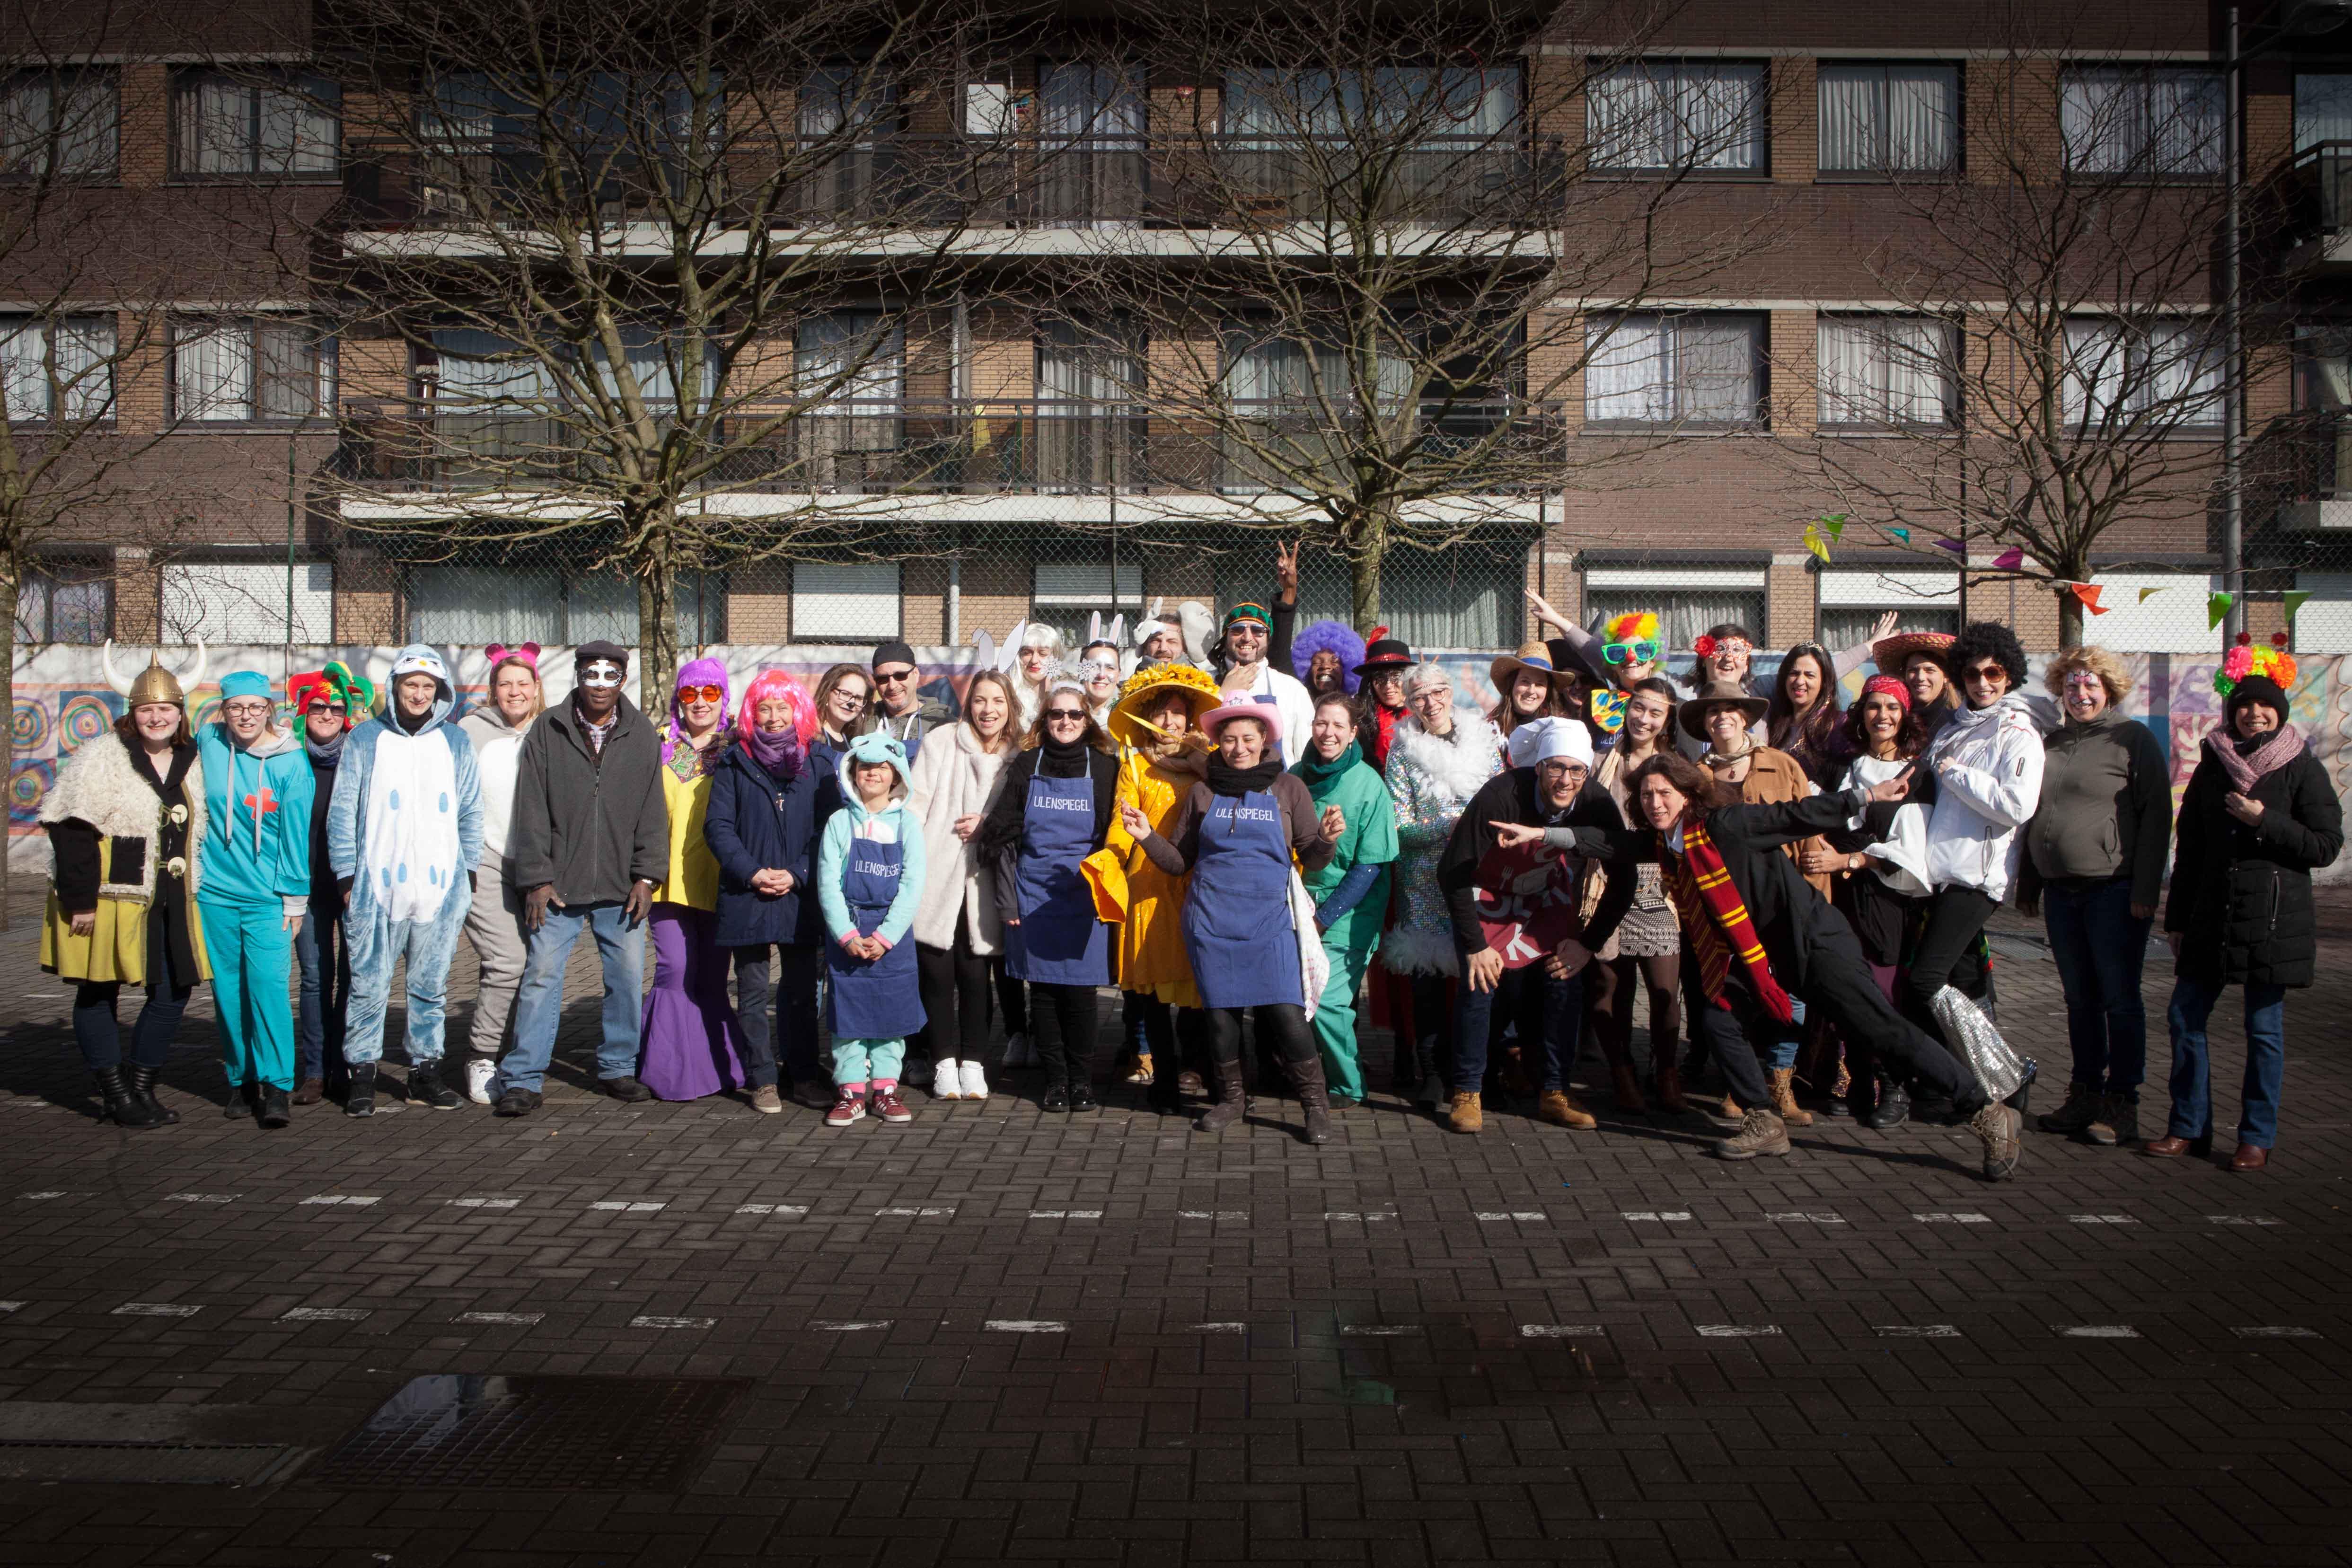 Ulenspiegel fête le Carnaval